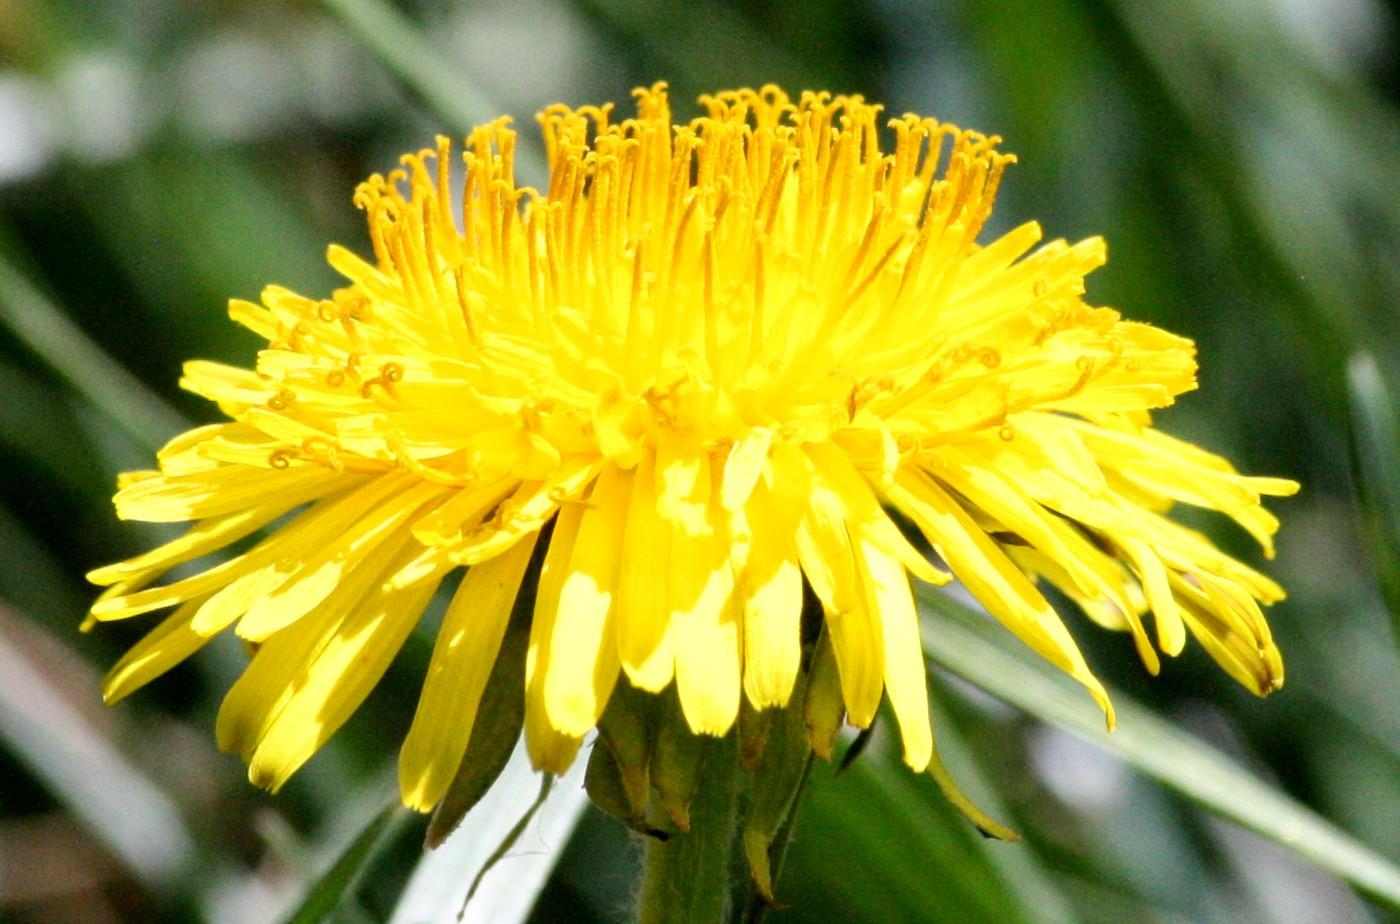 Dandelion Close Up Picture Free Photograph Photos